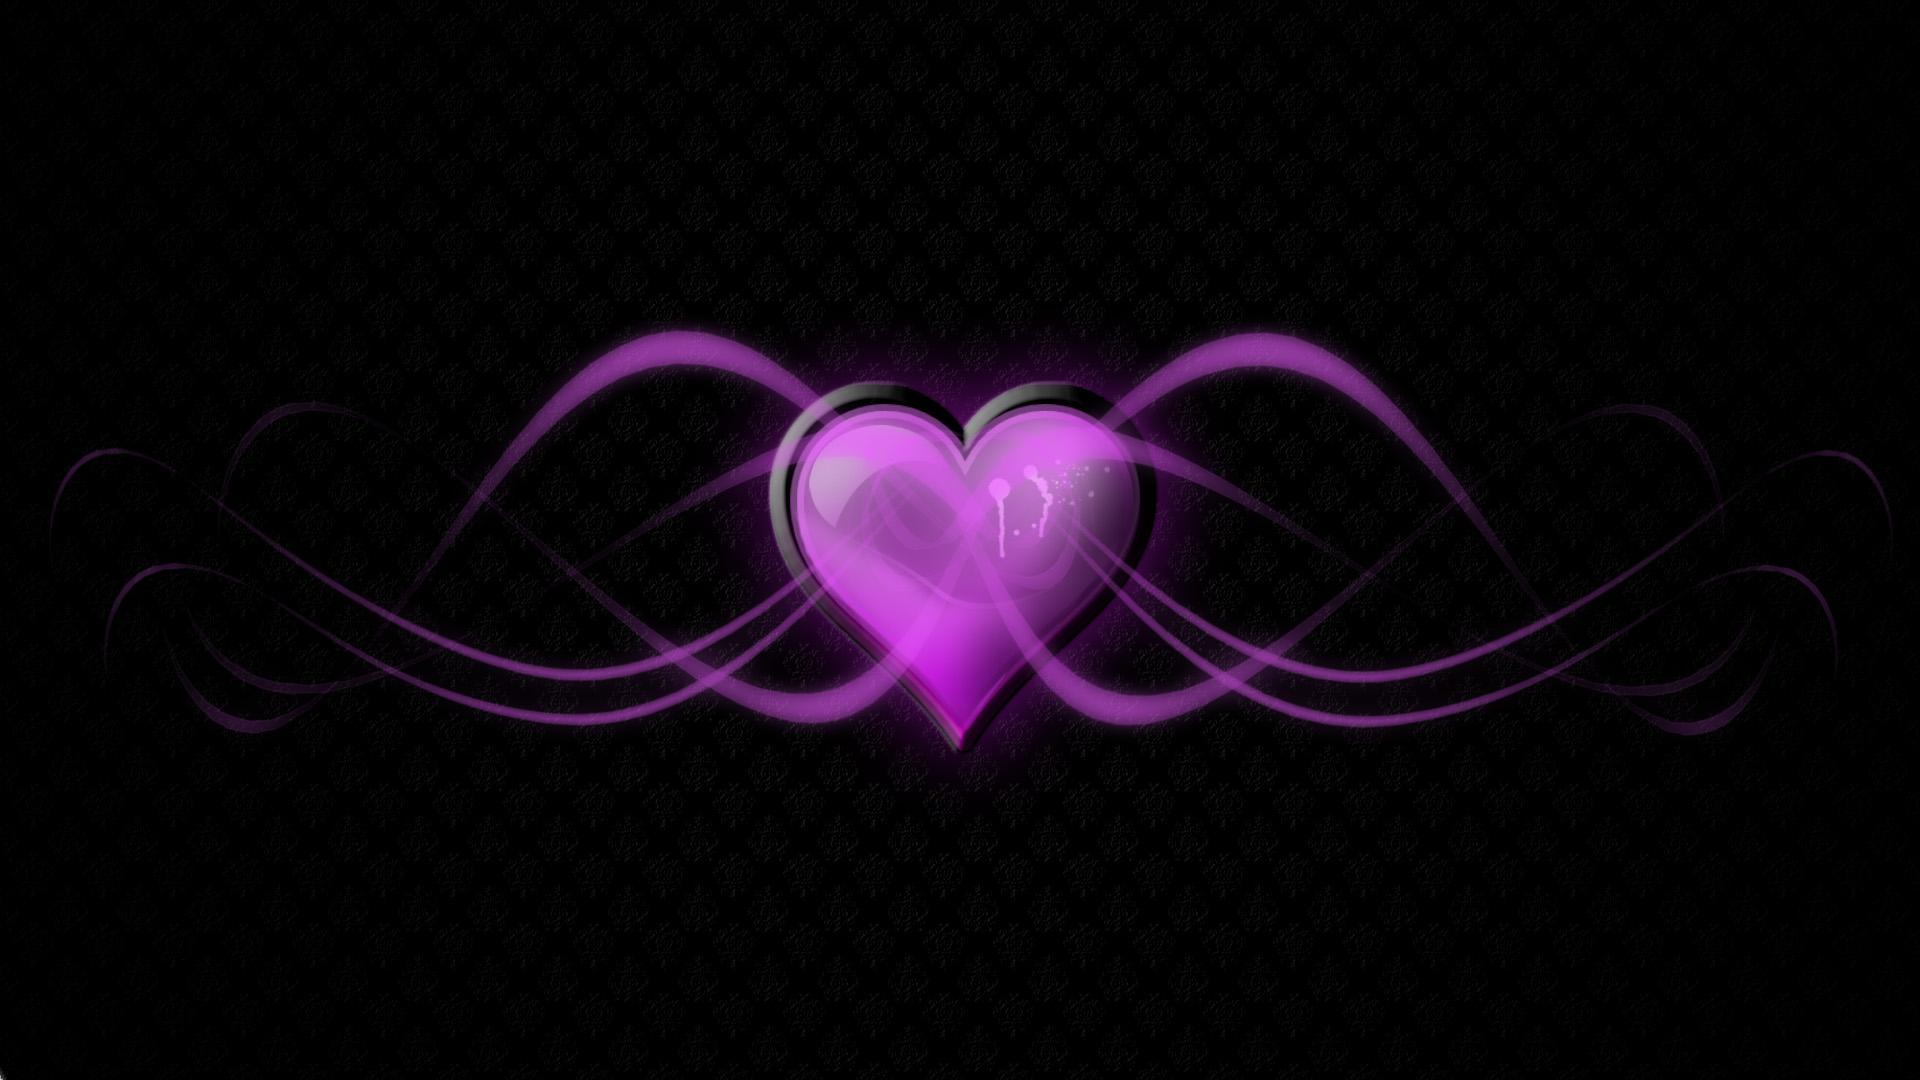 purple love wallpaper wallpapersafari